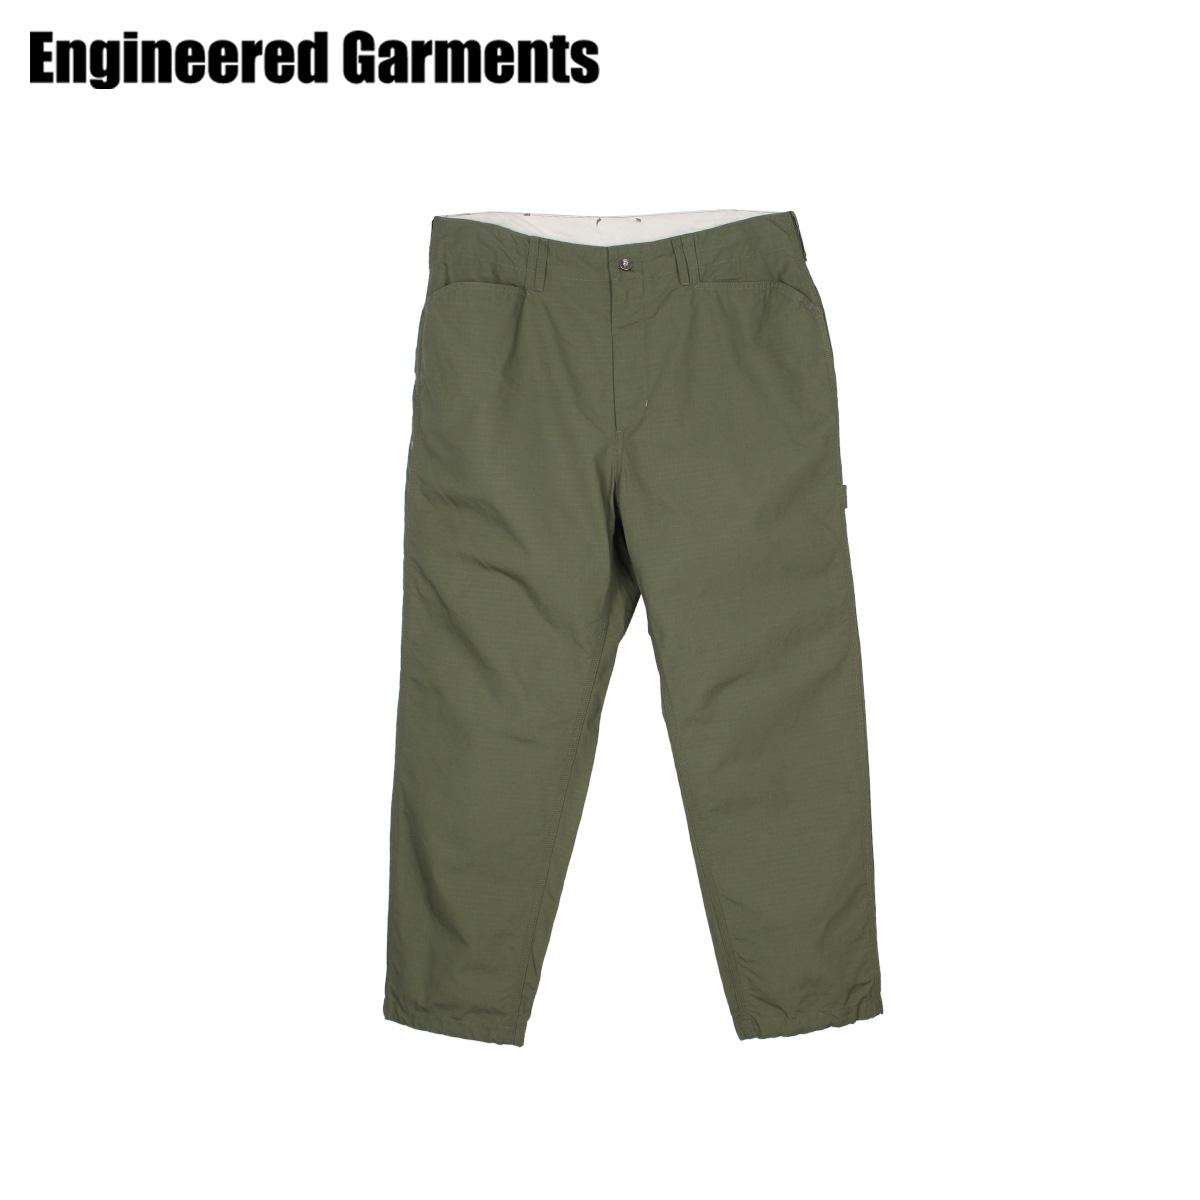 【最大2000円OFFクーポン】 エンジニアドガーメンツ ENGINEERED GARMENTS ペインターパンツ ワークパンツ パンツ メンズ PAINTER PANT オリーブ 20S1F005 [4/22 新入荷]